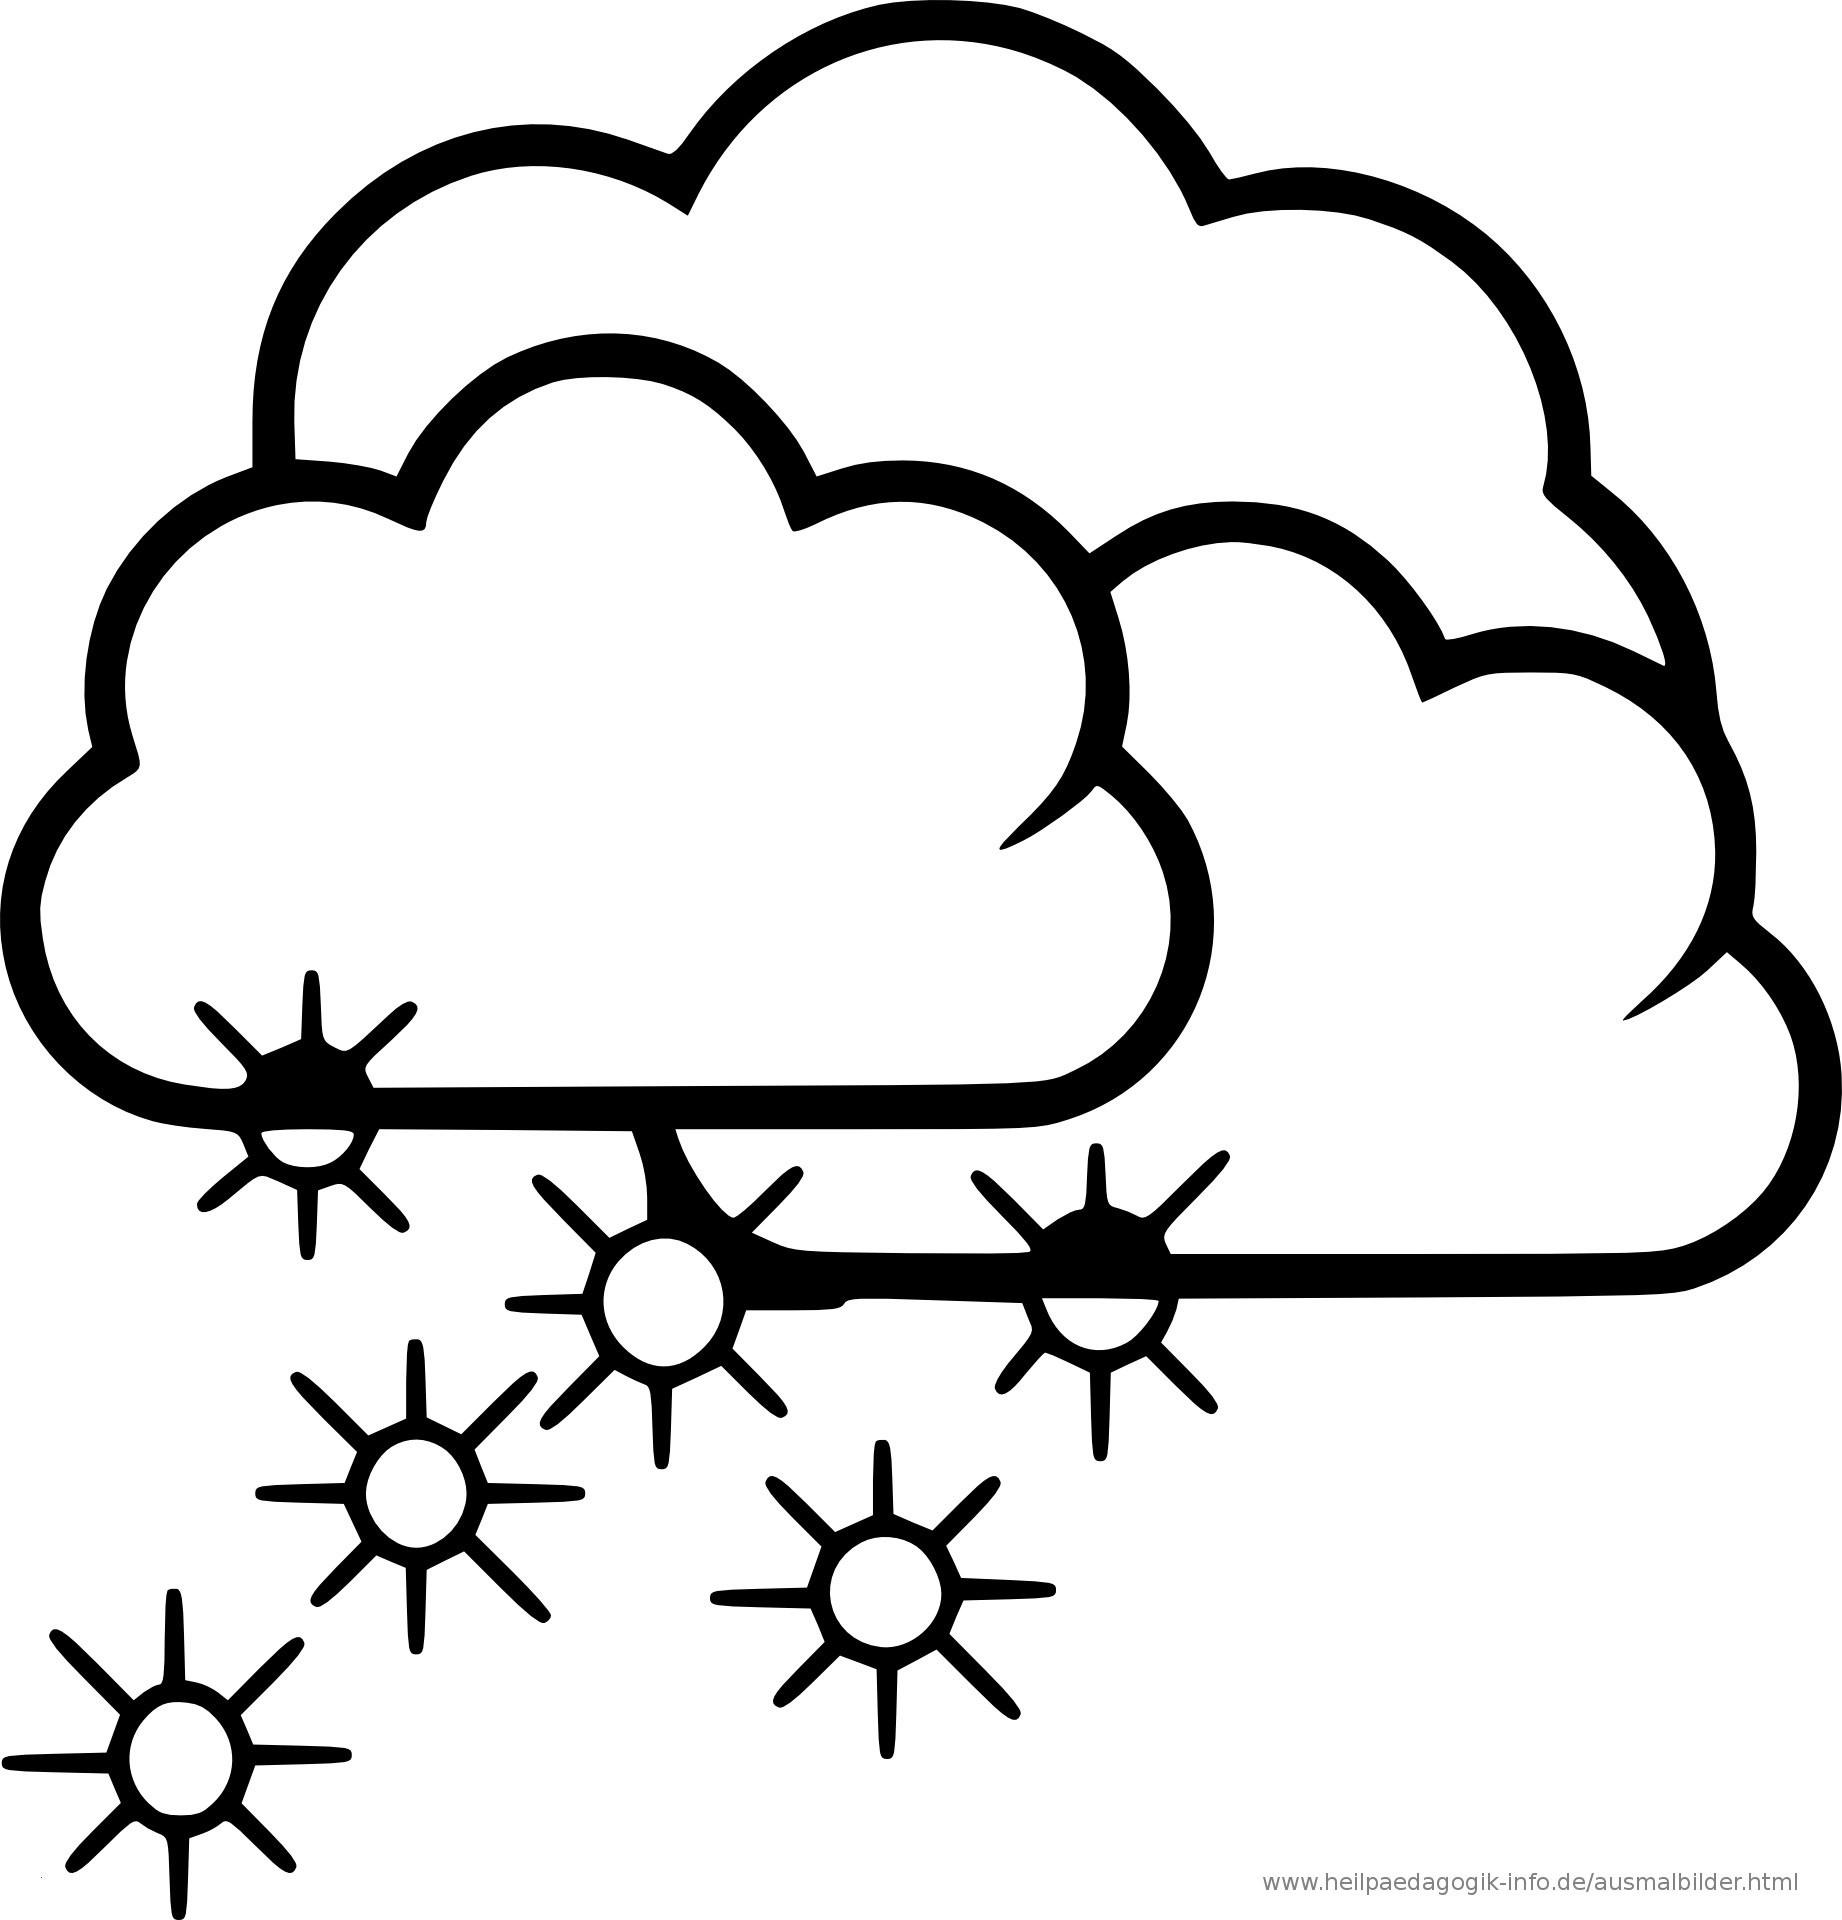 Wolke Zum Ausmalen Das Beste Von Ausmalbilder Wolke Beautiful 35 Ausmalbilder Wolken Scoredatscore Bilder